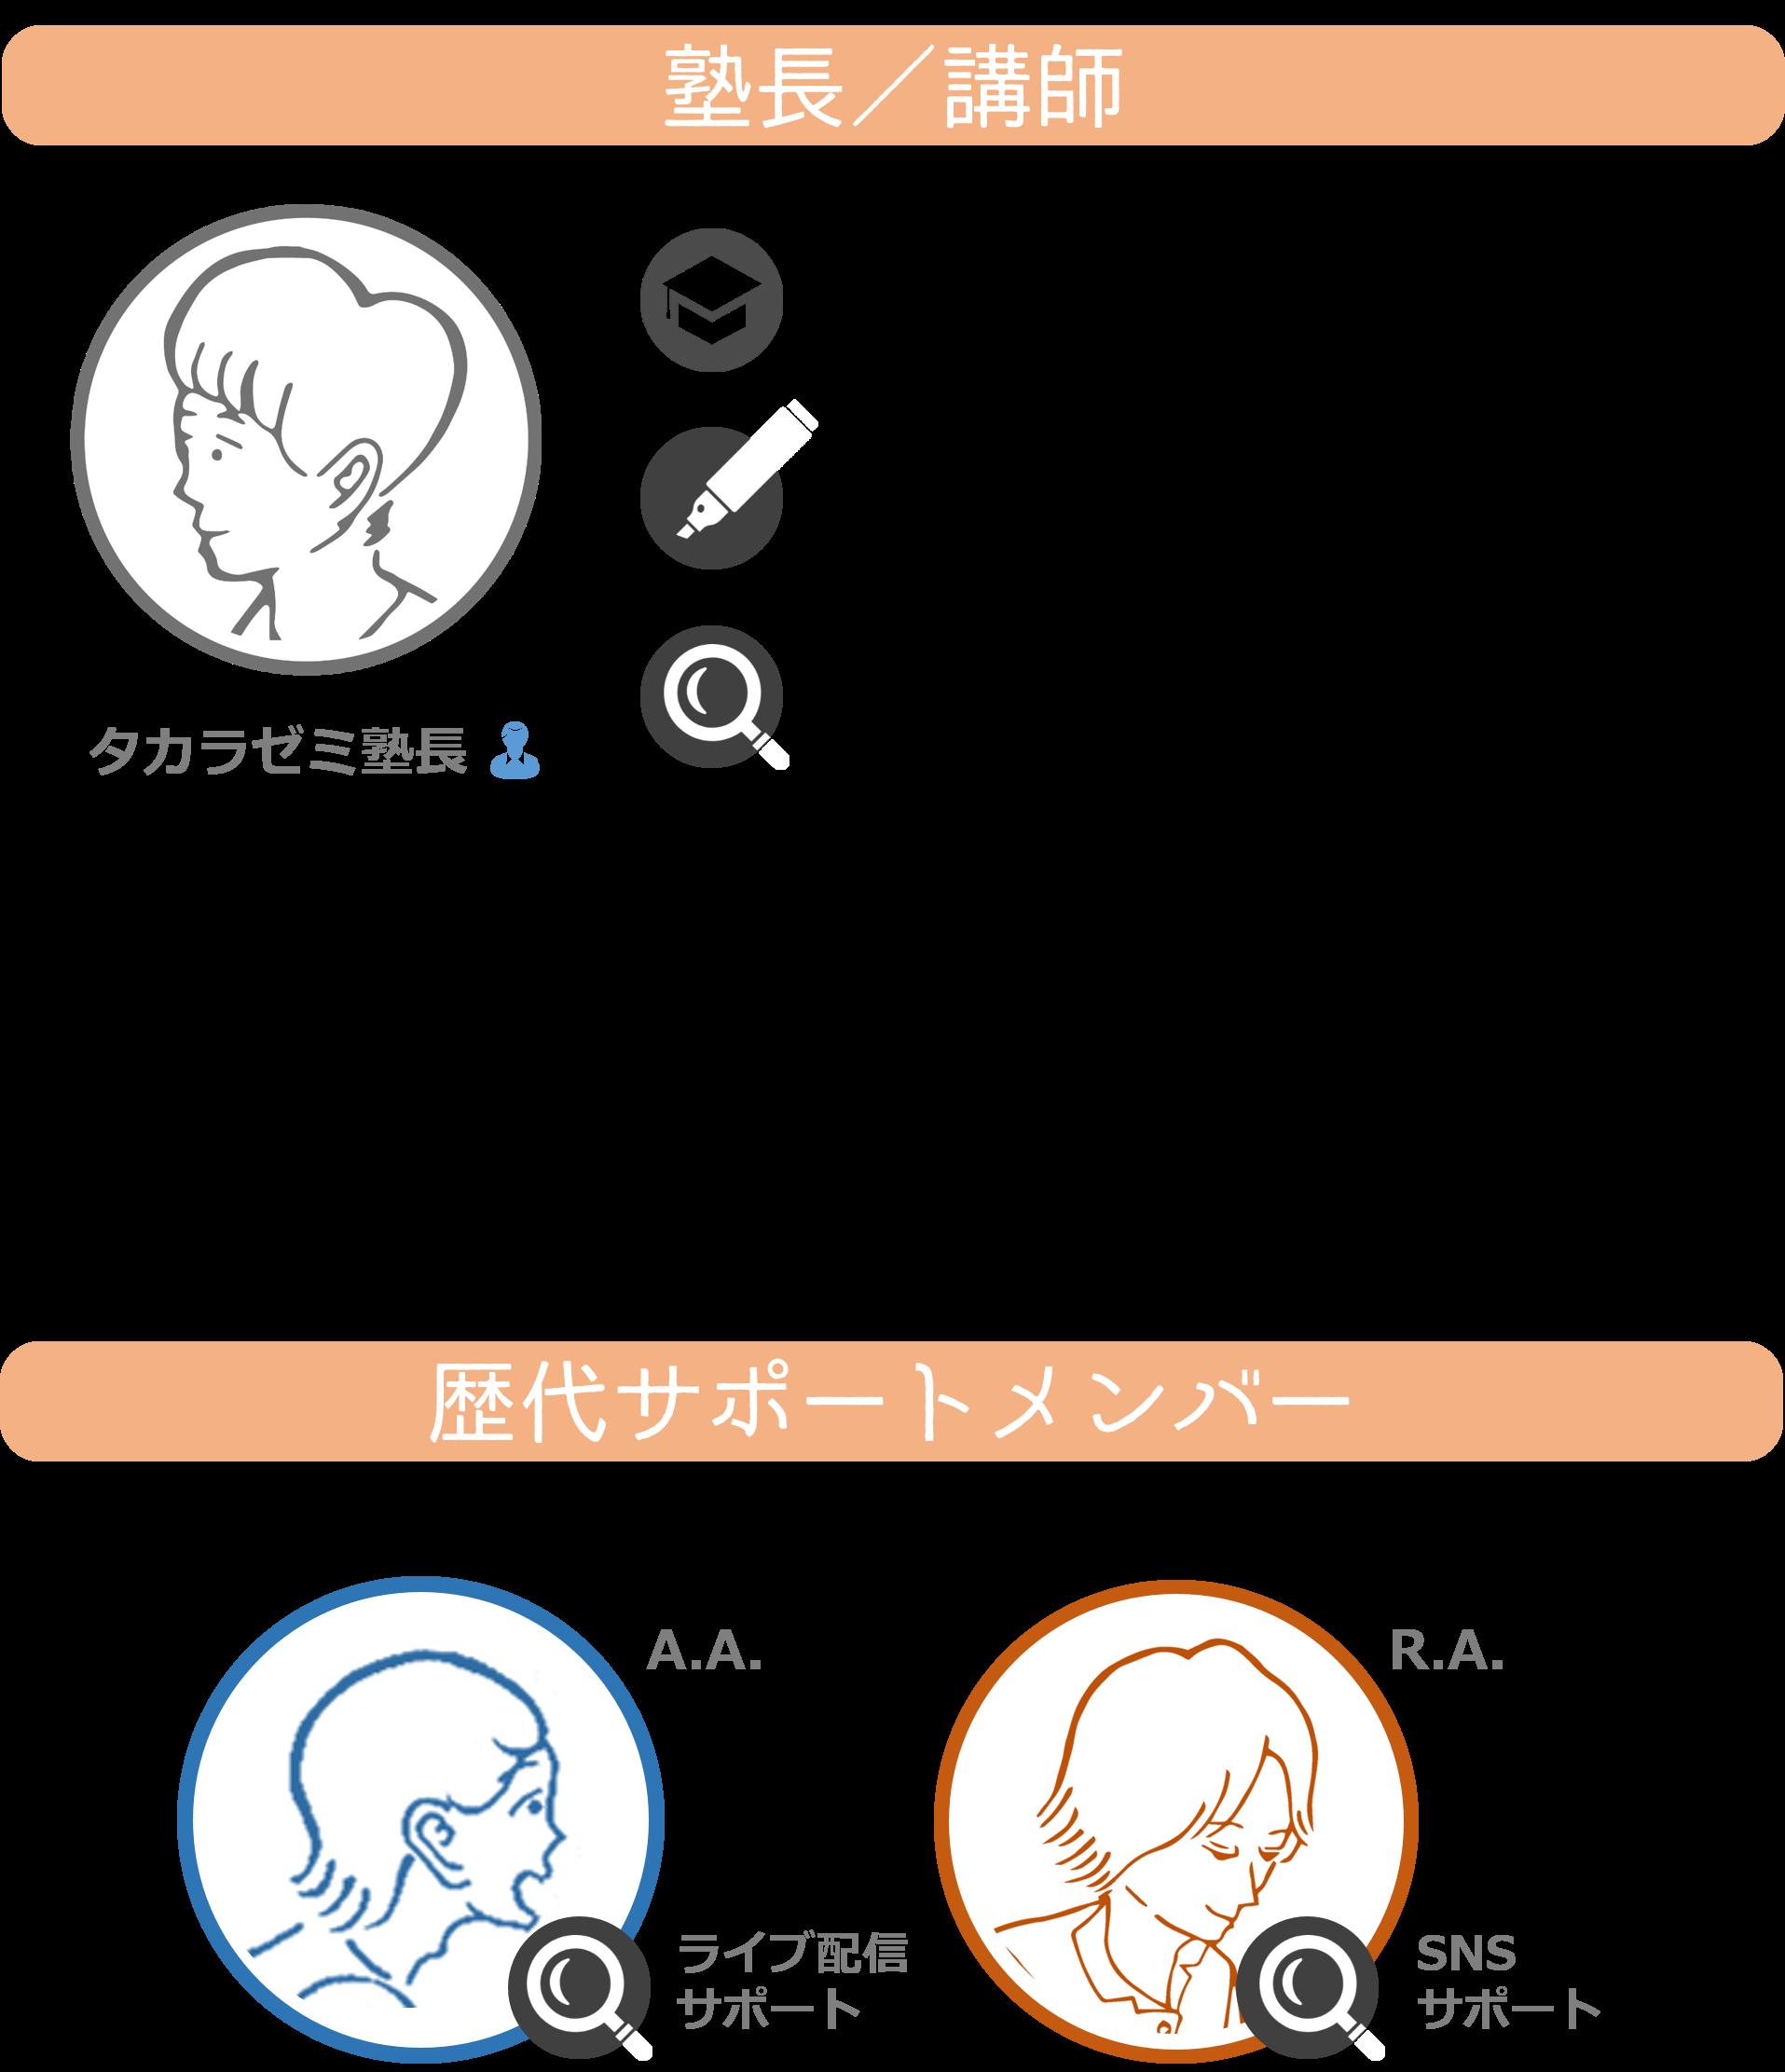 タカラオンラインゼミナール_タカラゼミ_講師紹介